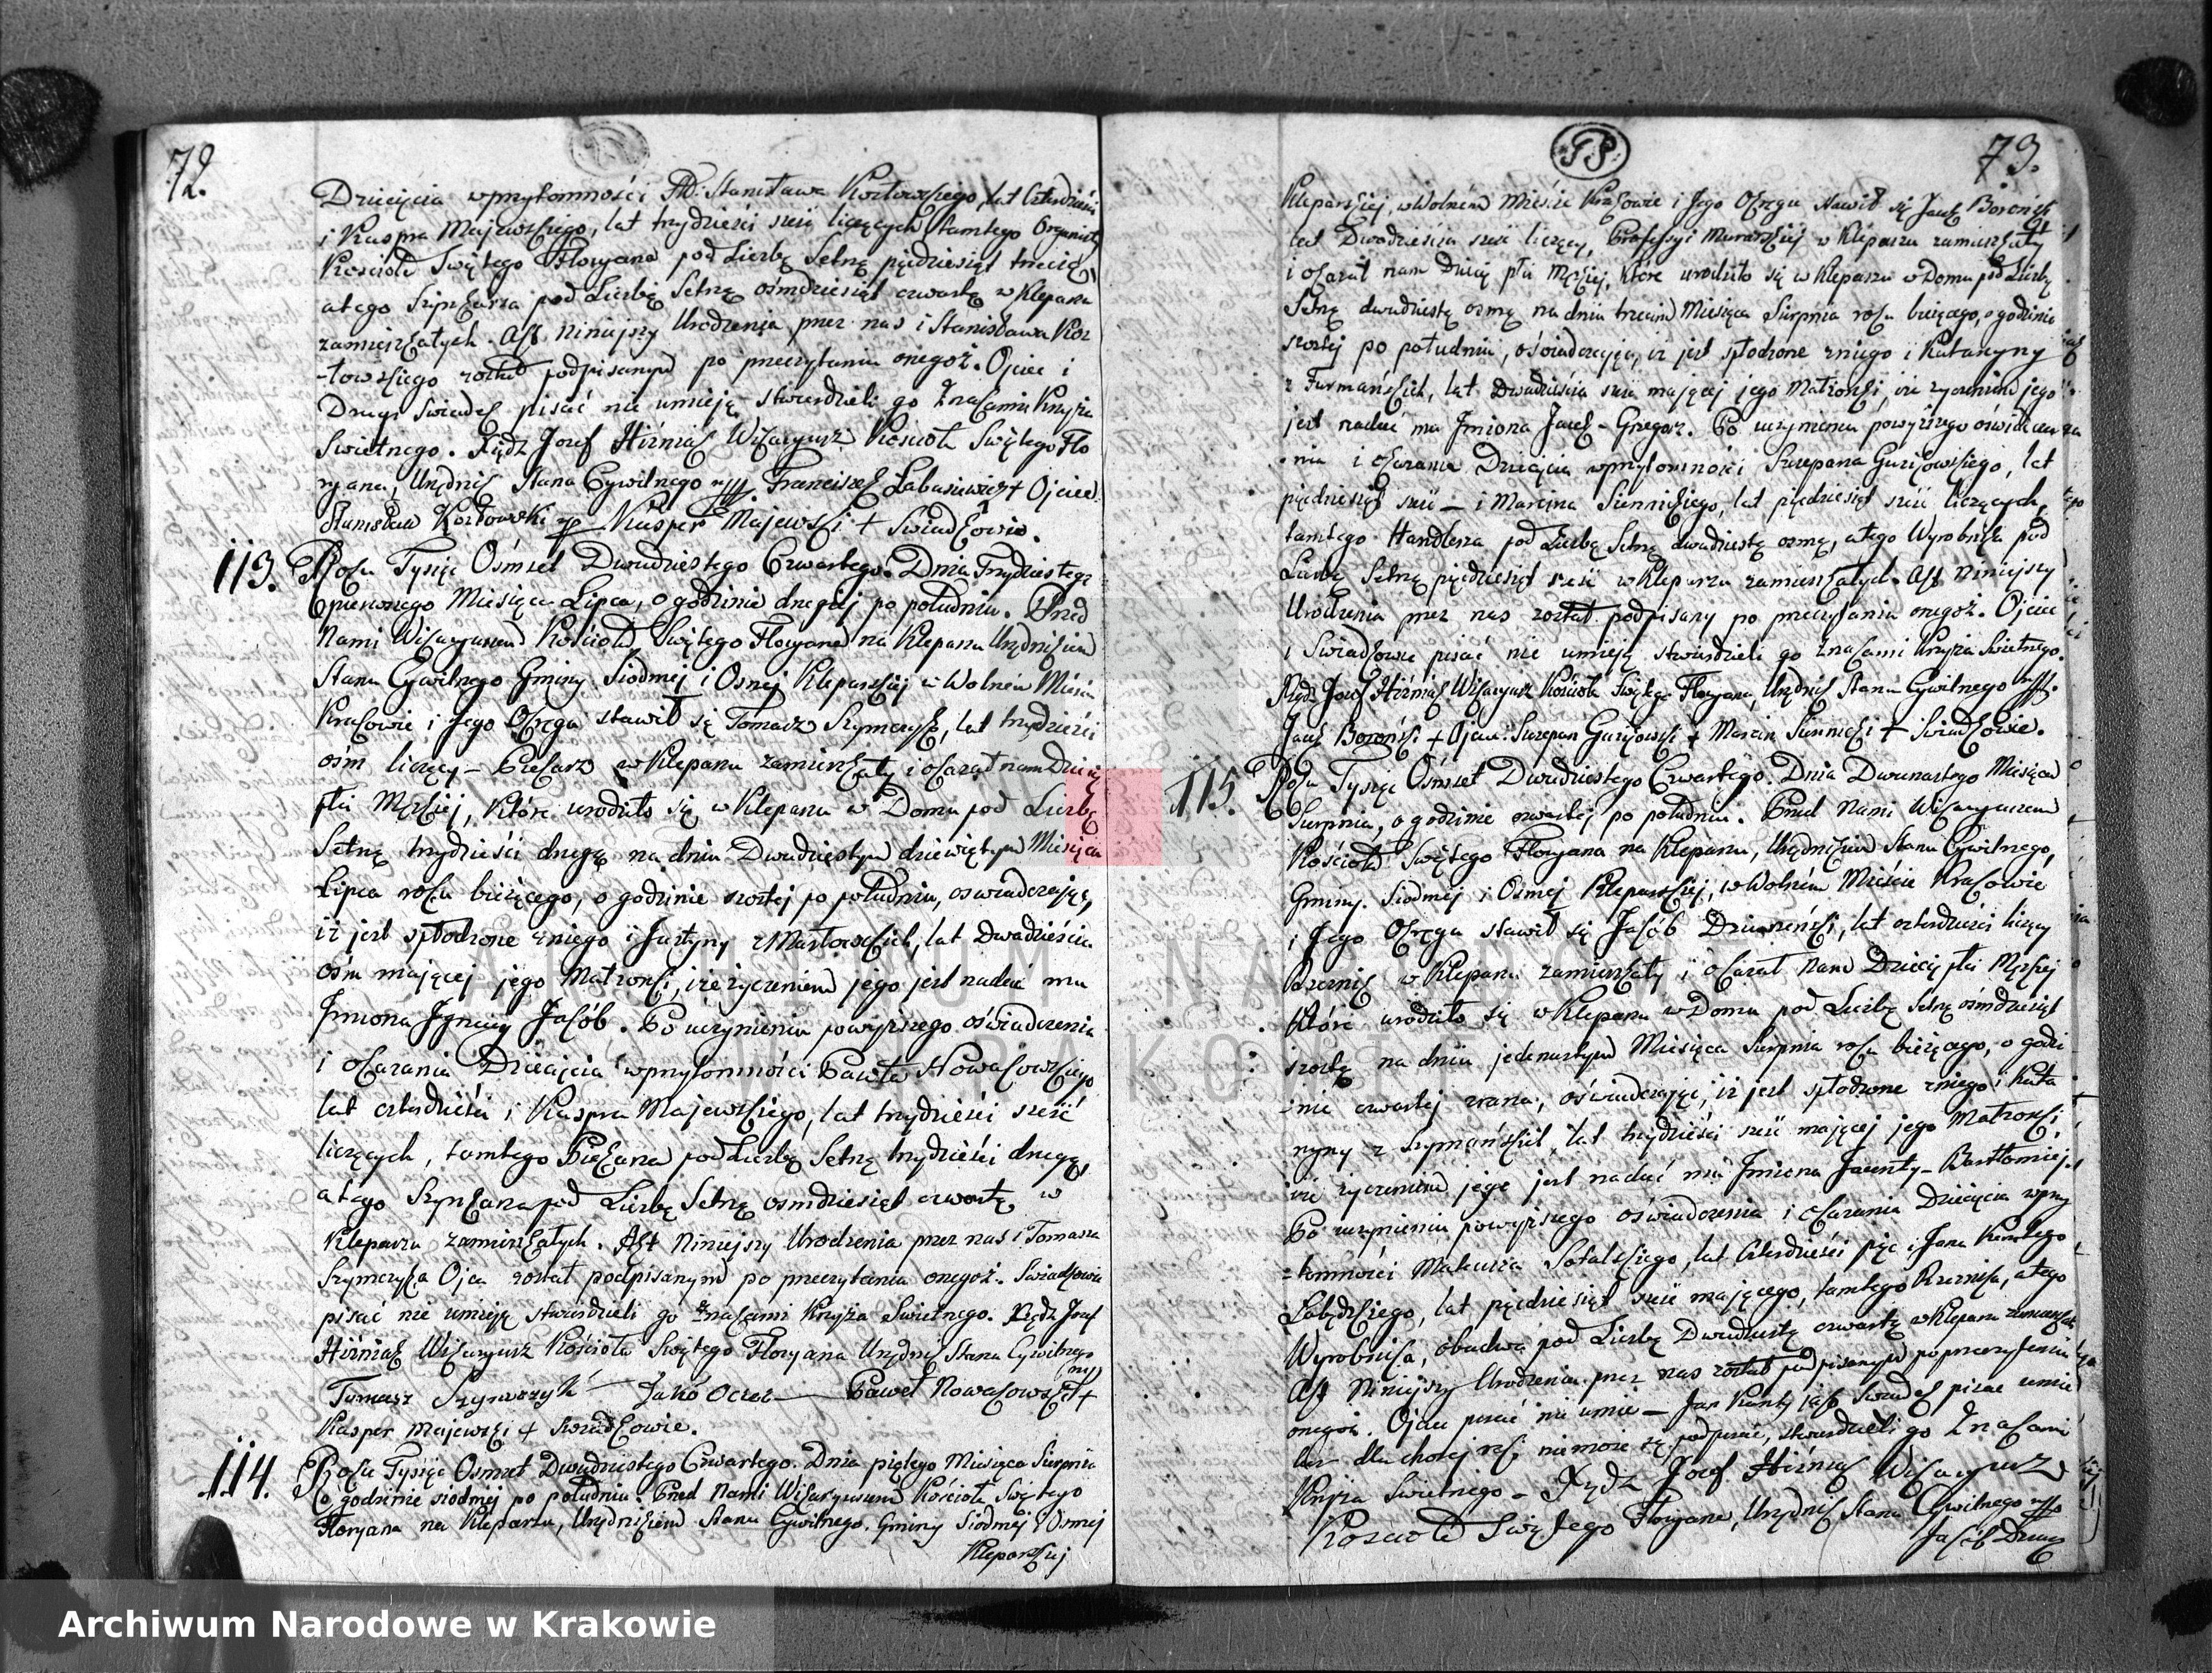 Skan z jednostki: Księga Aktów Urodzenia i Uznania dla Parafii Sgo Floryana przy Krakowie na Rok 1824